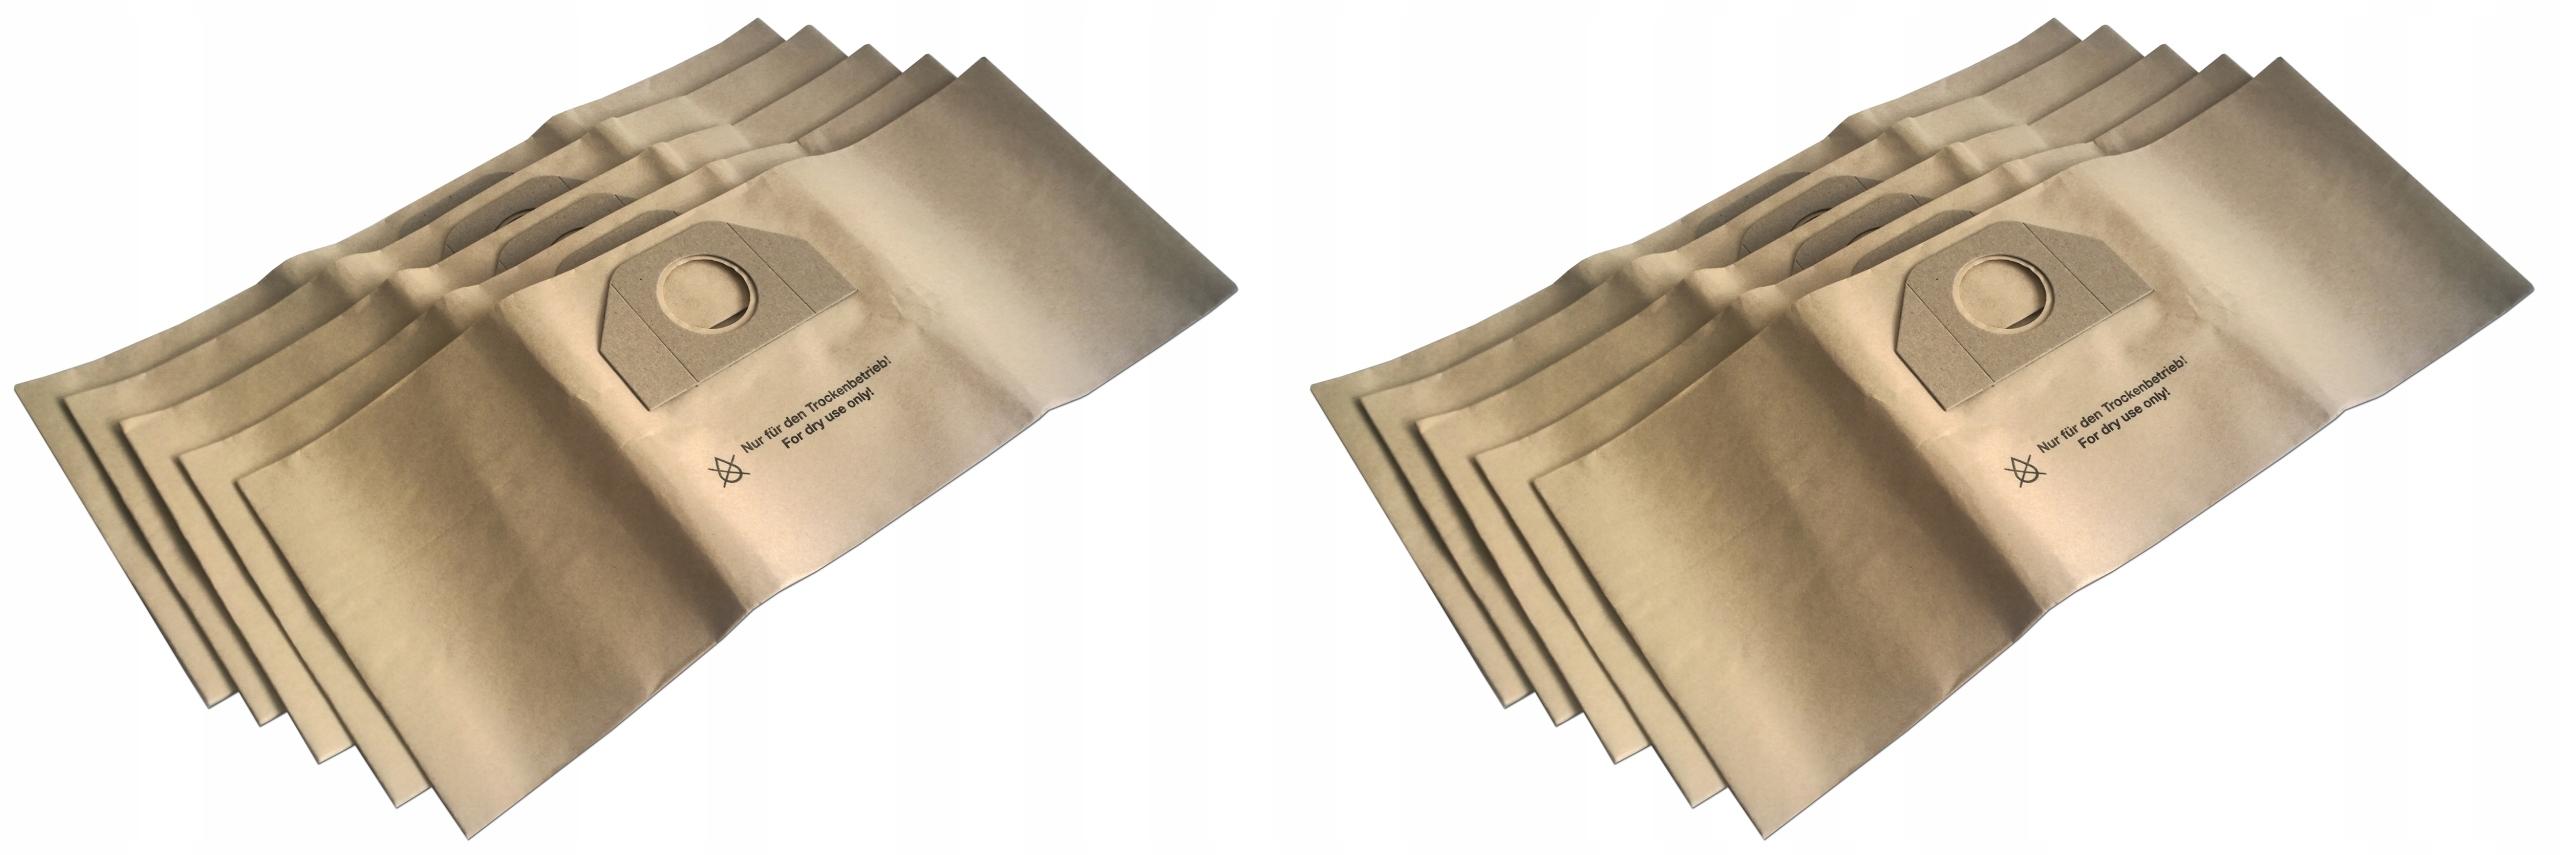 10 x Мешки для KARCHER MV 3 WD3 200 6.959-130.0